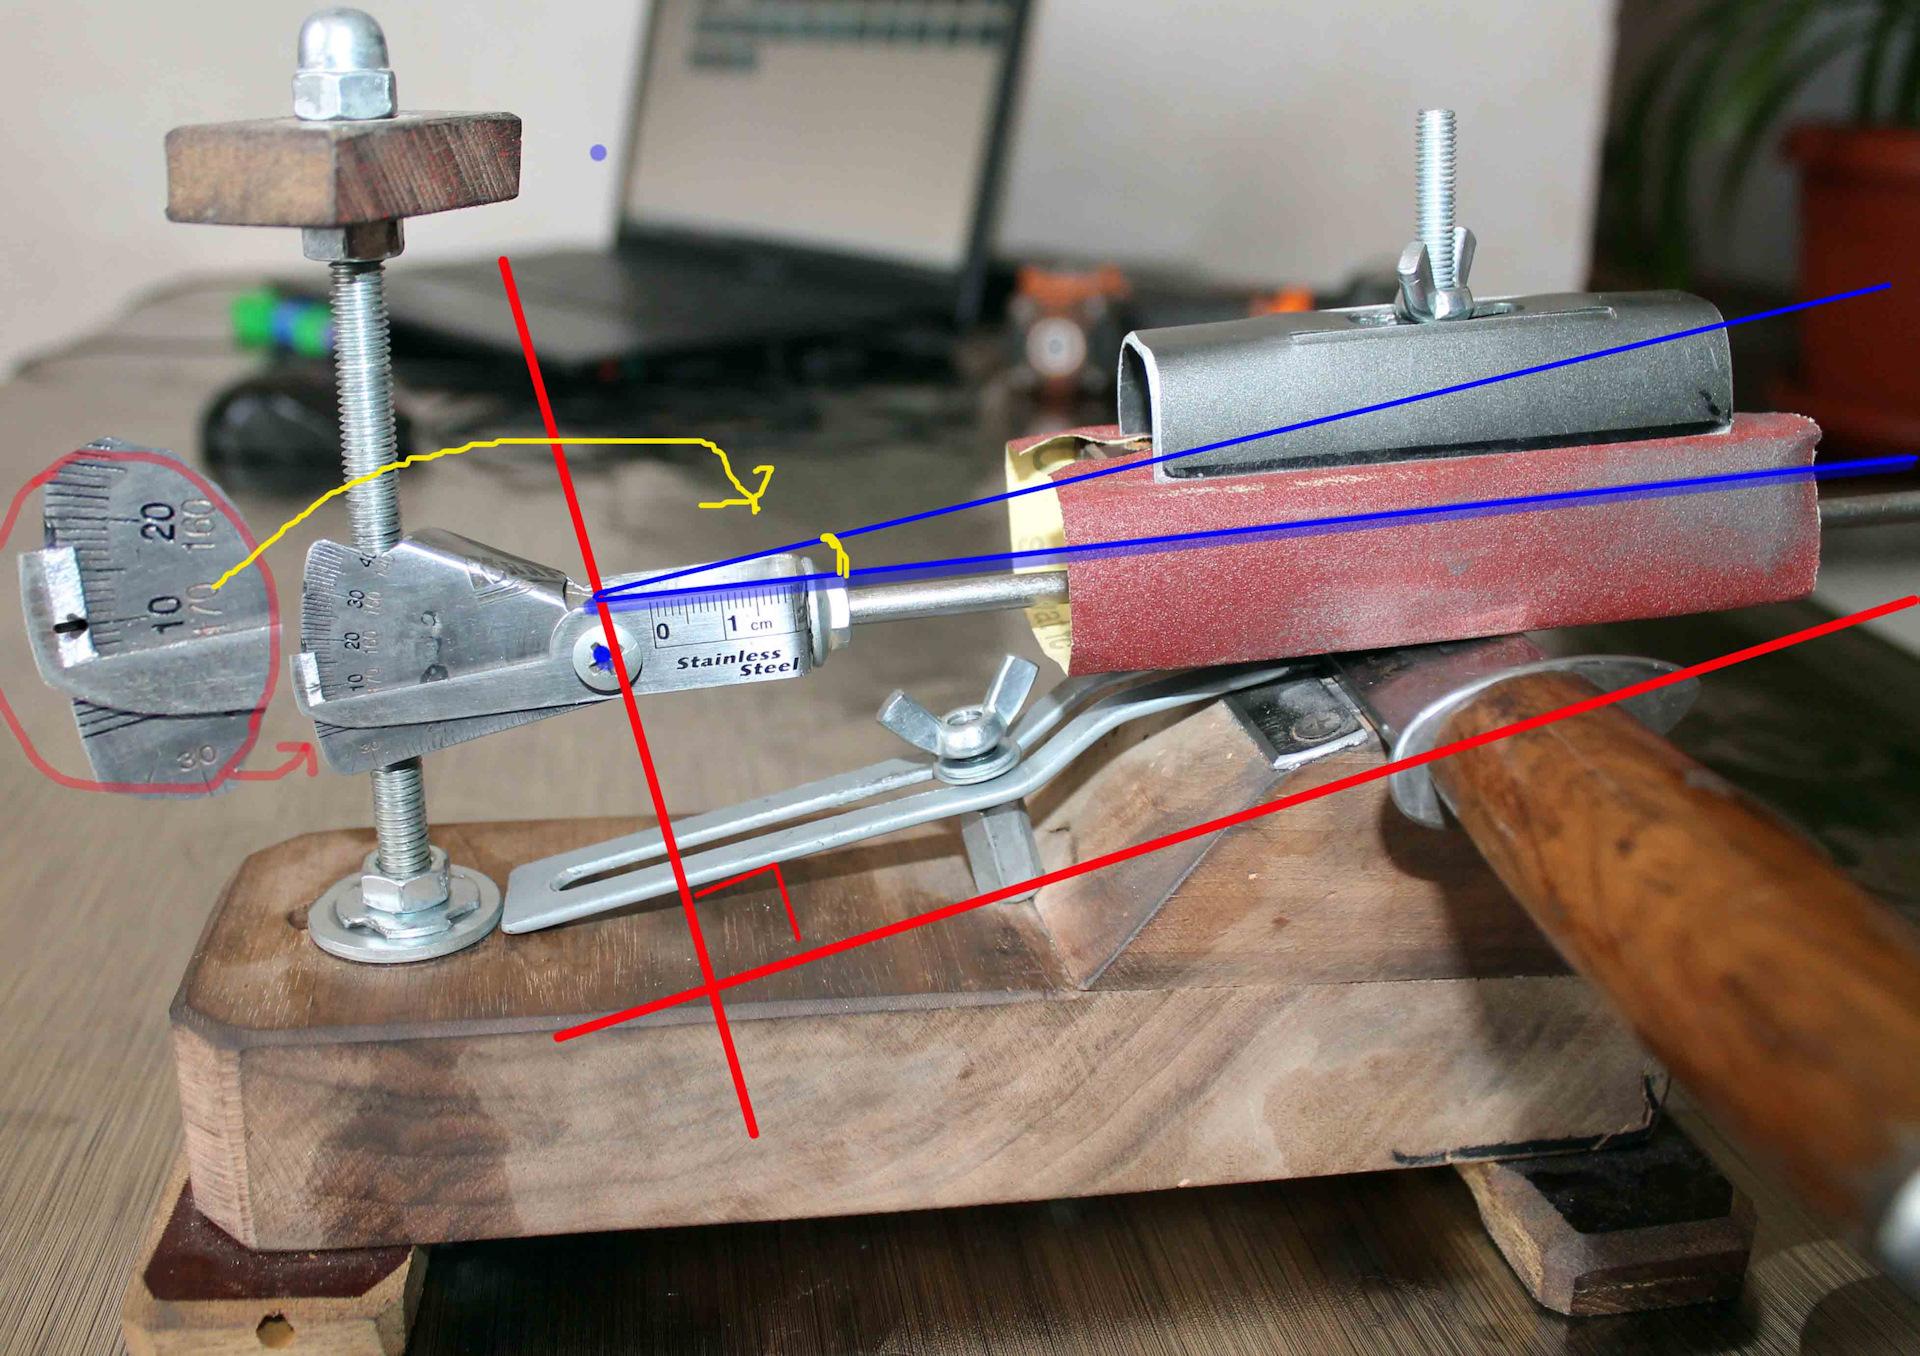 Станок для заточки ножей своими руками - изготовление своими руками удобного и функционального приспособления (90 фото)